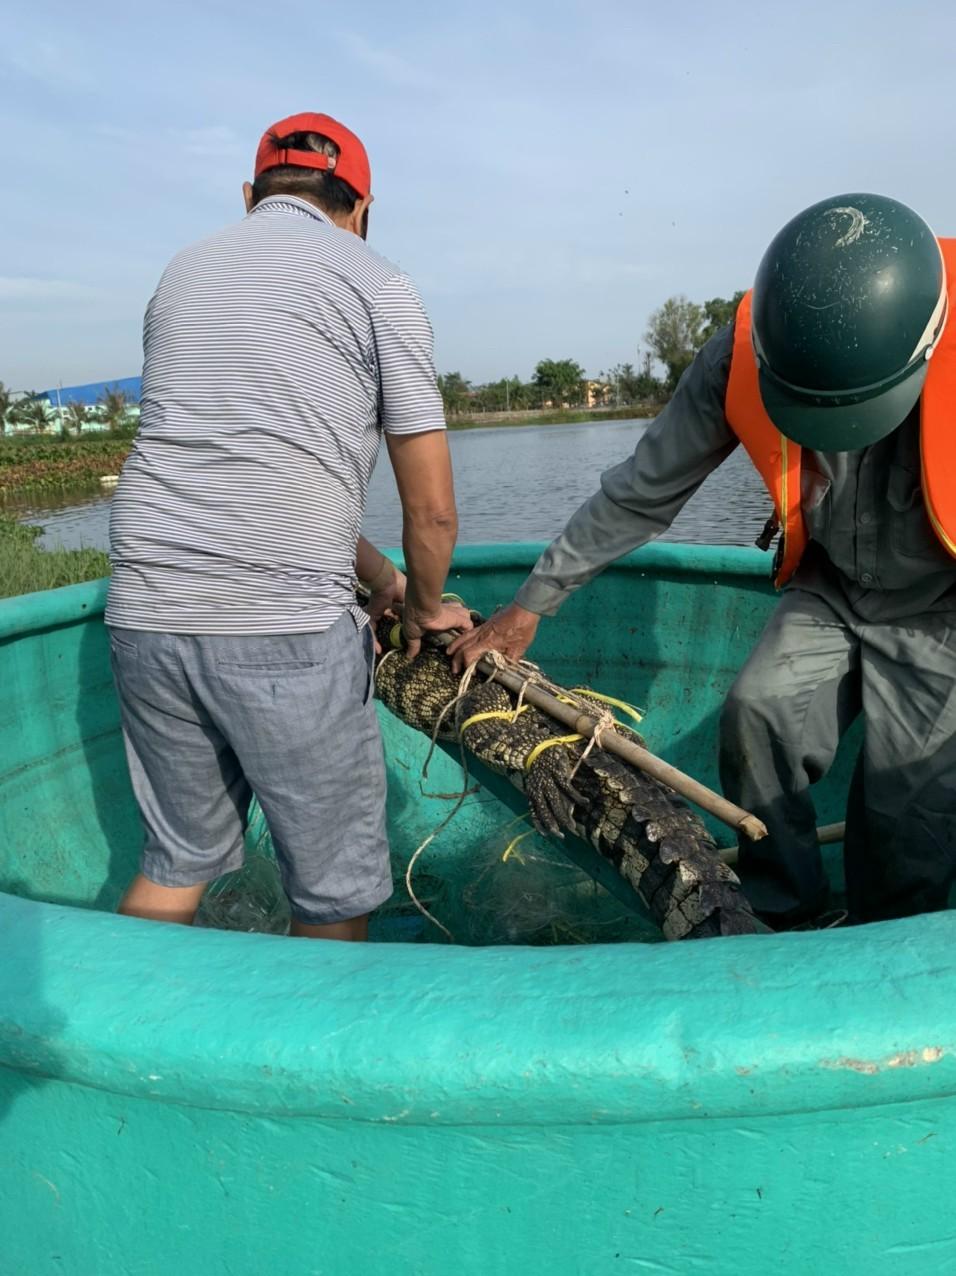 Đã vây bắt được được cá sấu ở hồ nước điều hòa Vũng Tàu